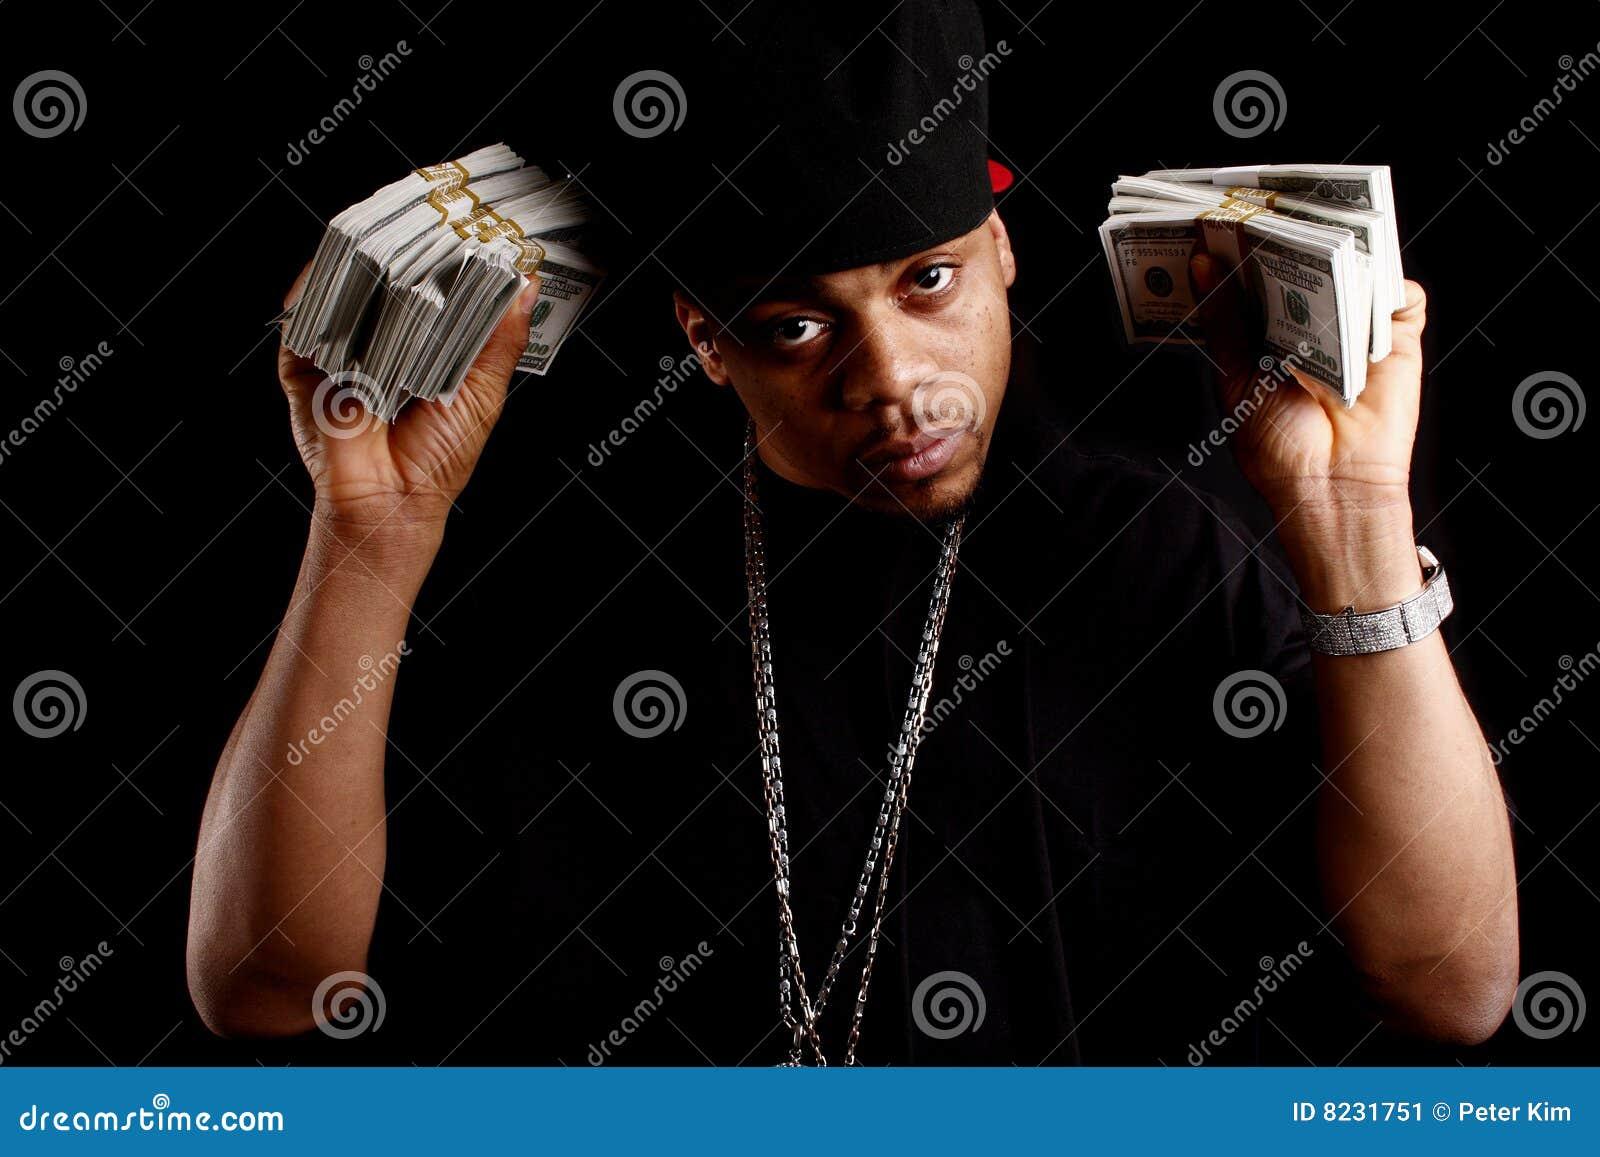 Jong zwart mannetje met contant geld